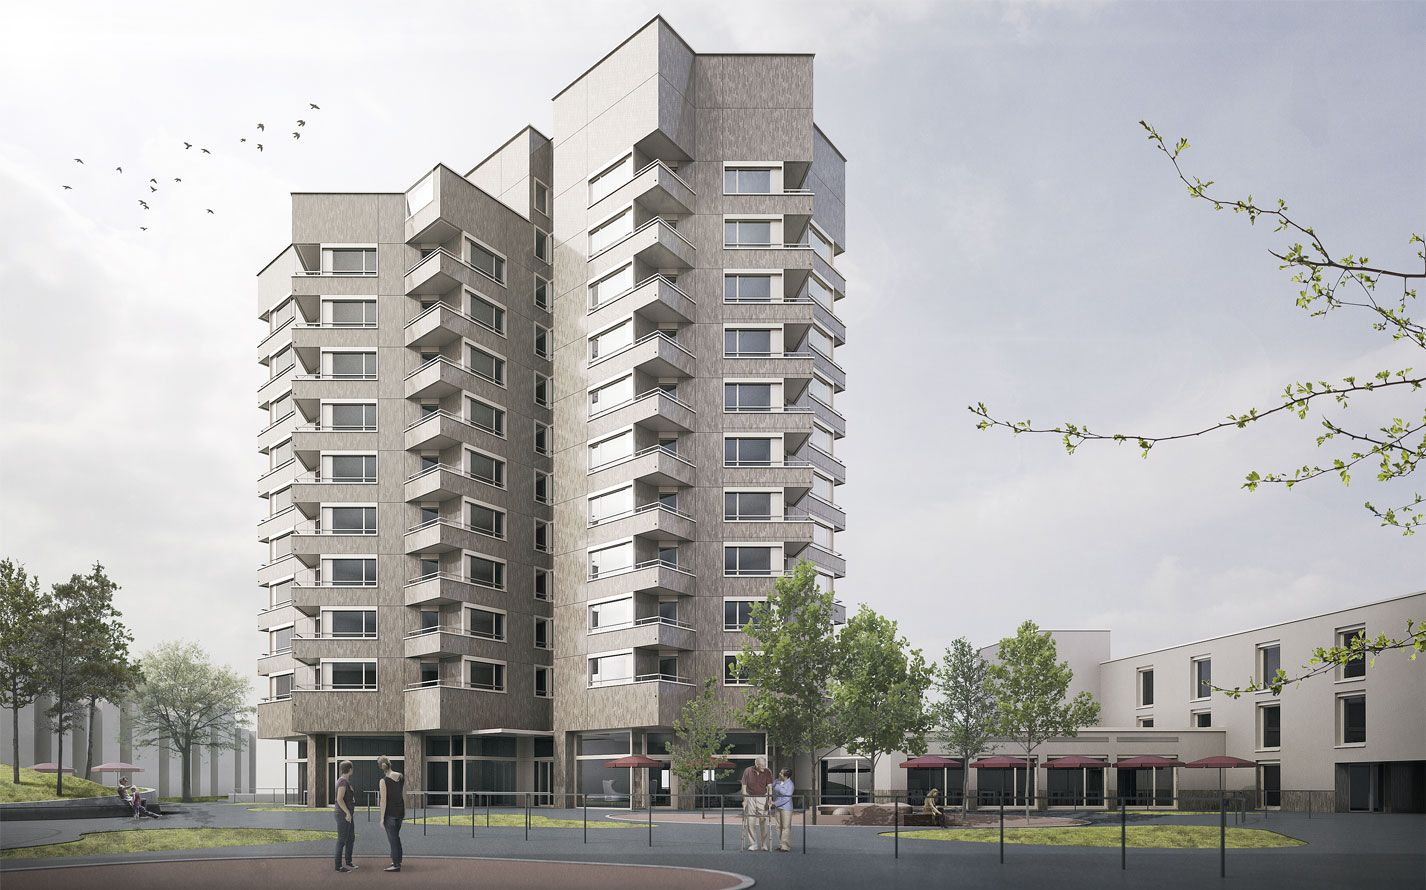 Instandsetzung Alterszentrum Wolfswinkel, Zürich (ZH) | Niedermann Sigg Schwendener Architekten AG